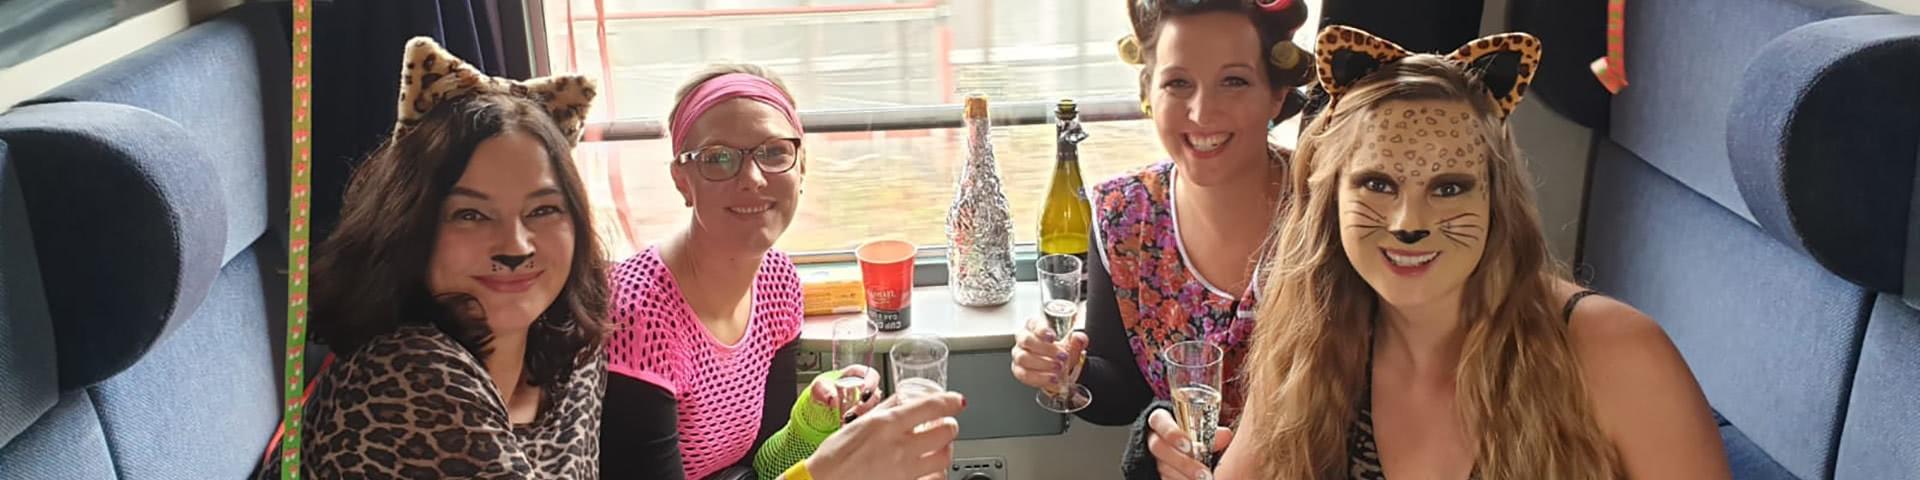 Verkleidete Frauengruppe trinkt gemeinsam Sekt im Partyzug auf dem Weg nach Cochem